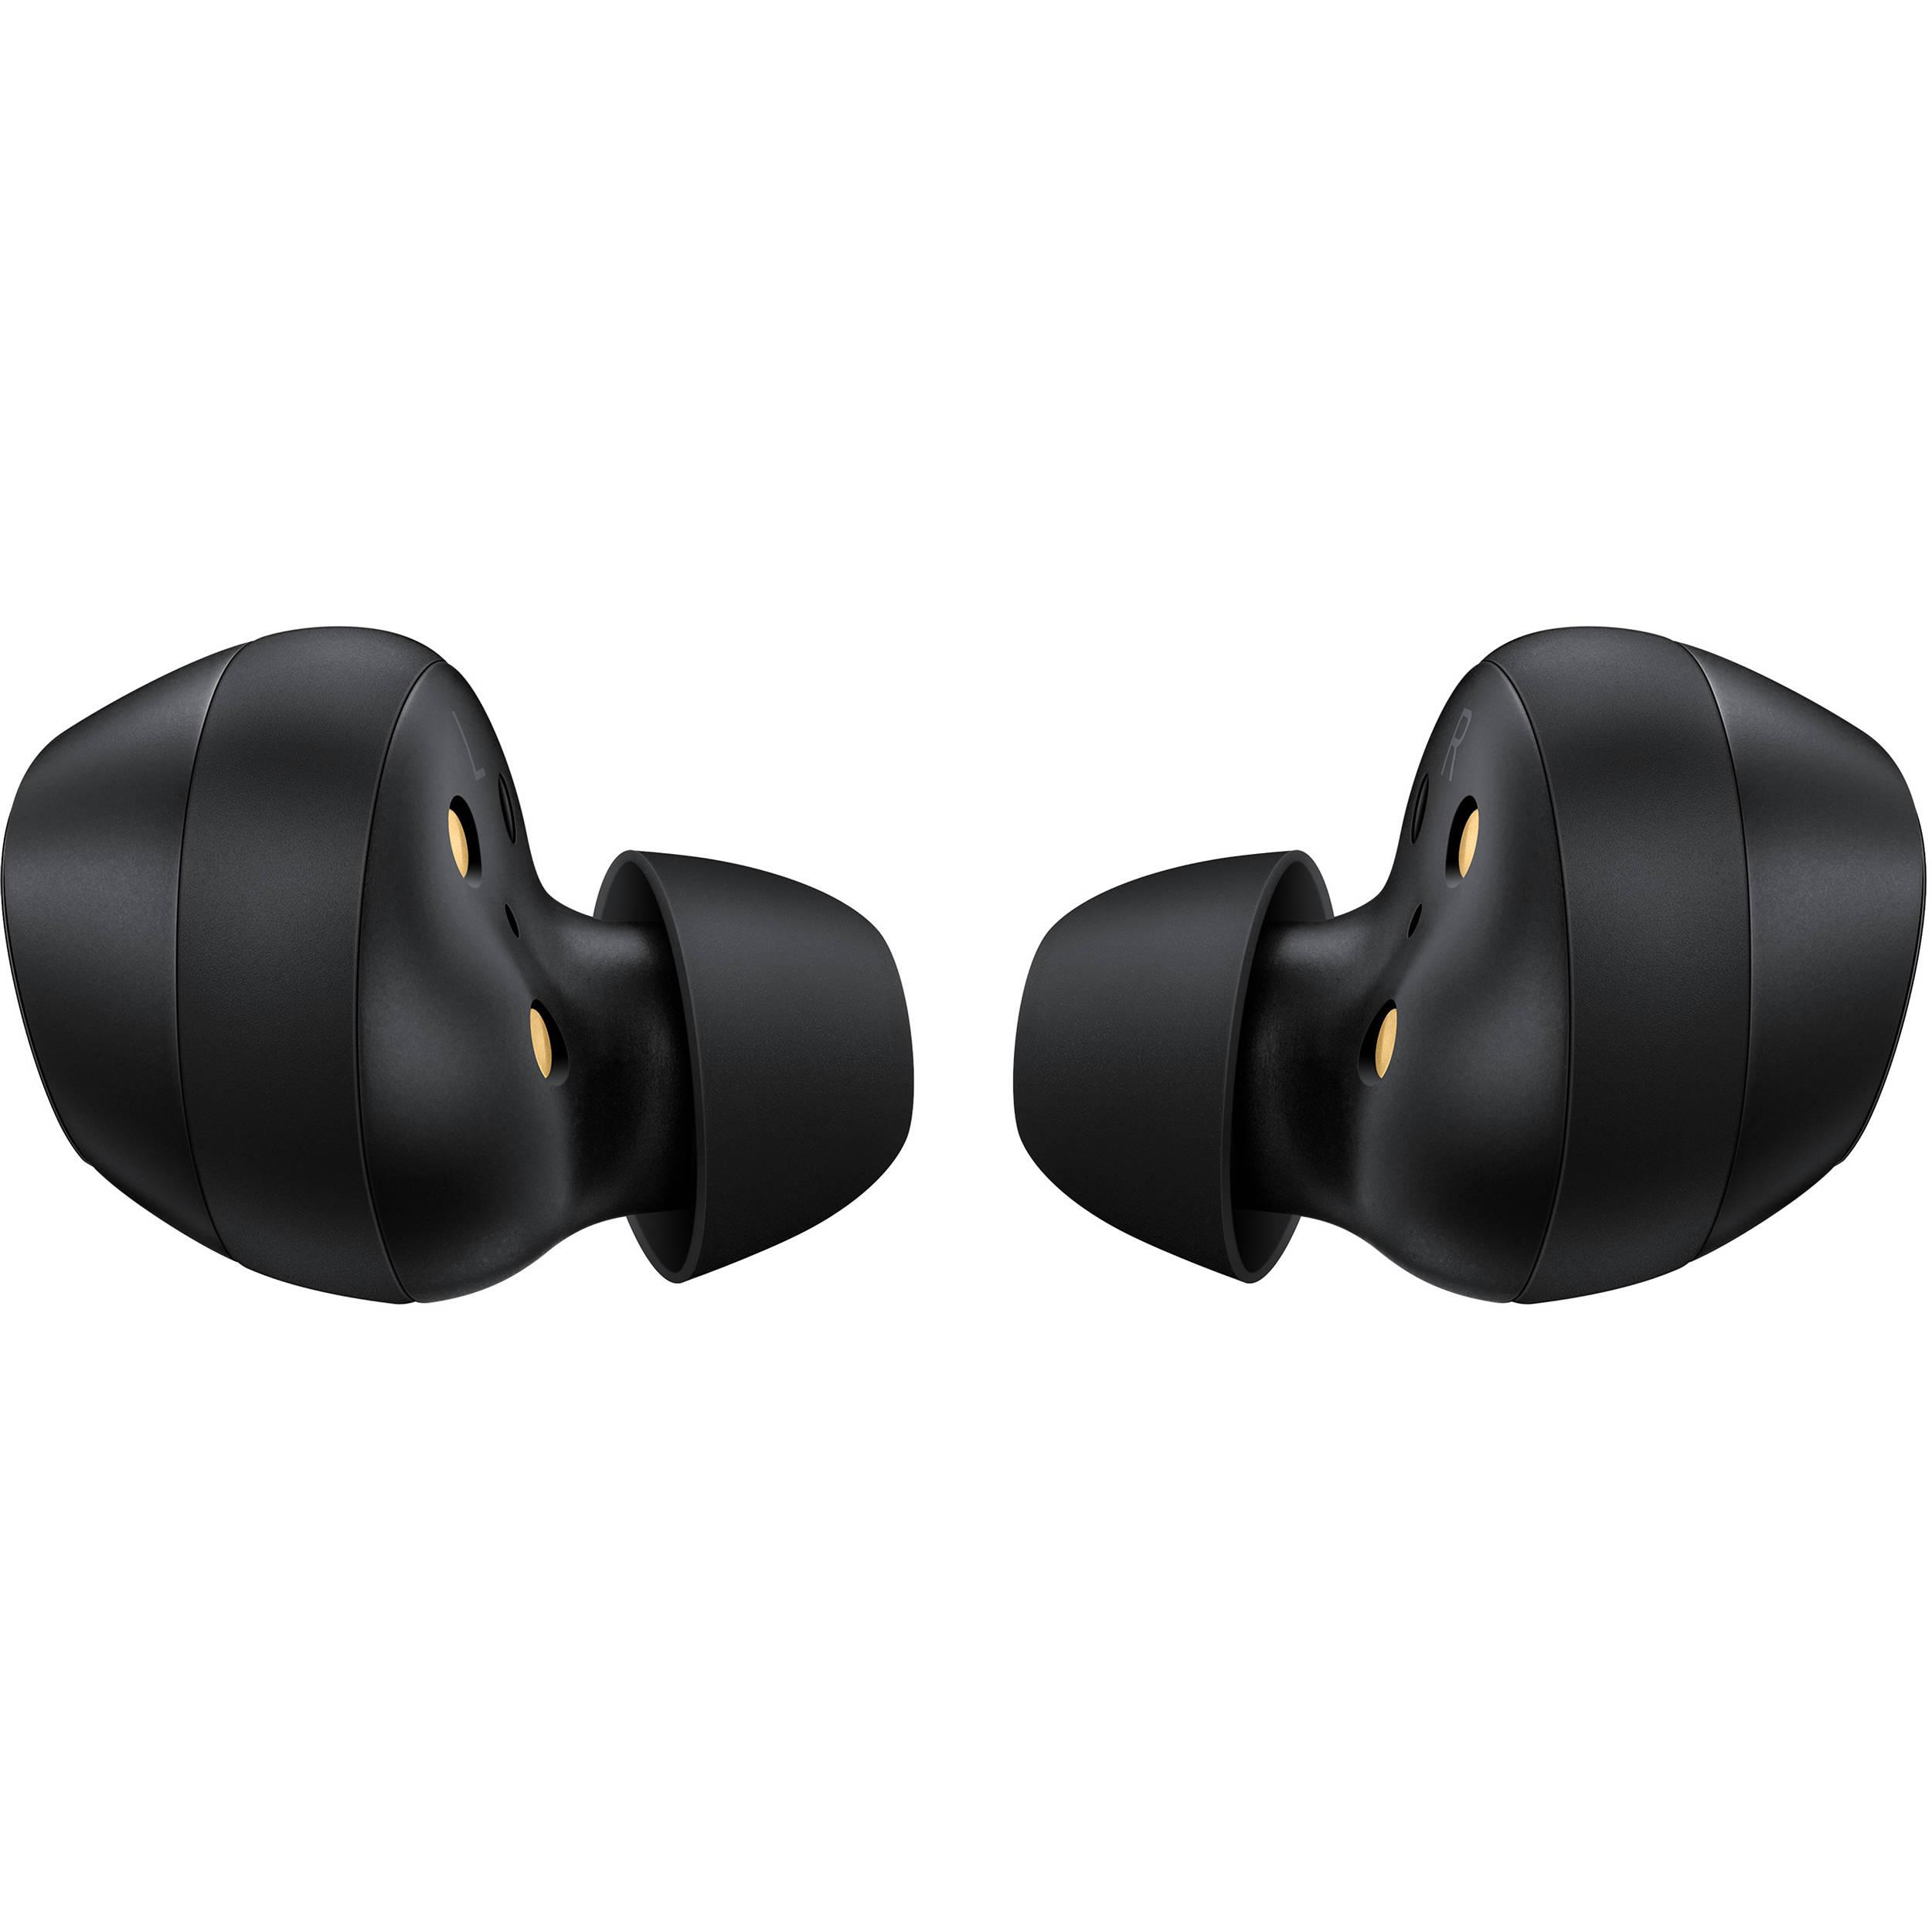 0d26cdfcb78 Samsung Galaxy Buds True Wireless In-Ear SM-R170NZKAXAR B&H